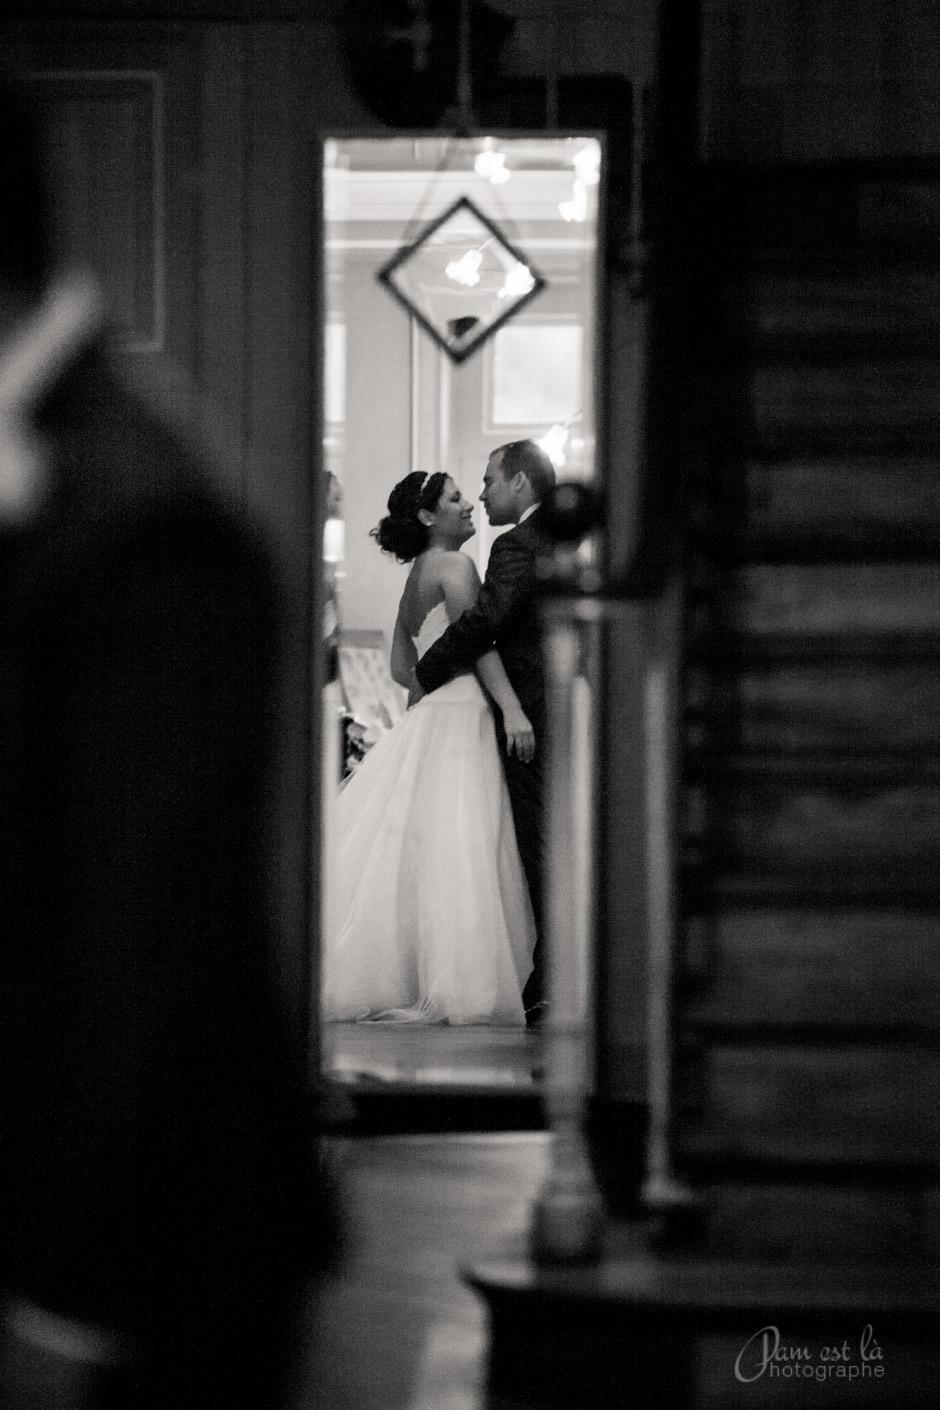 photographe-mariage-paris-normandie-479